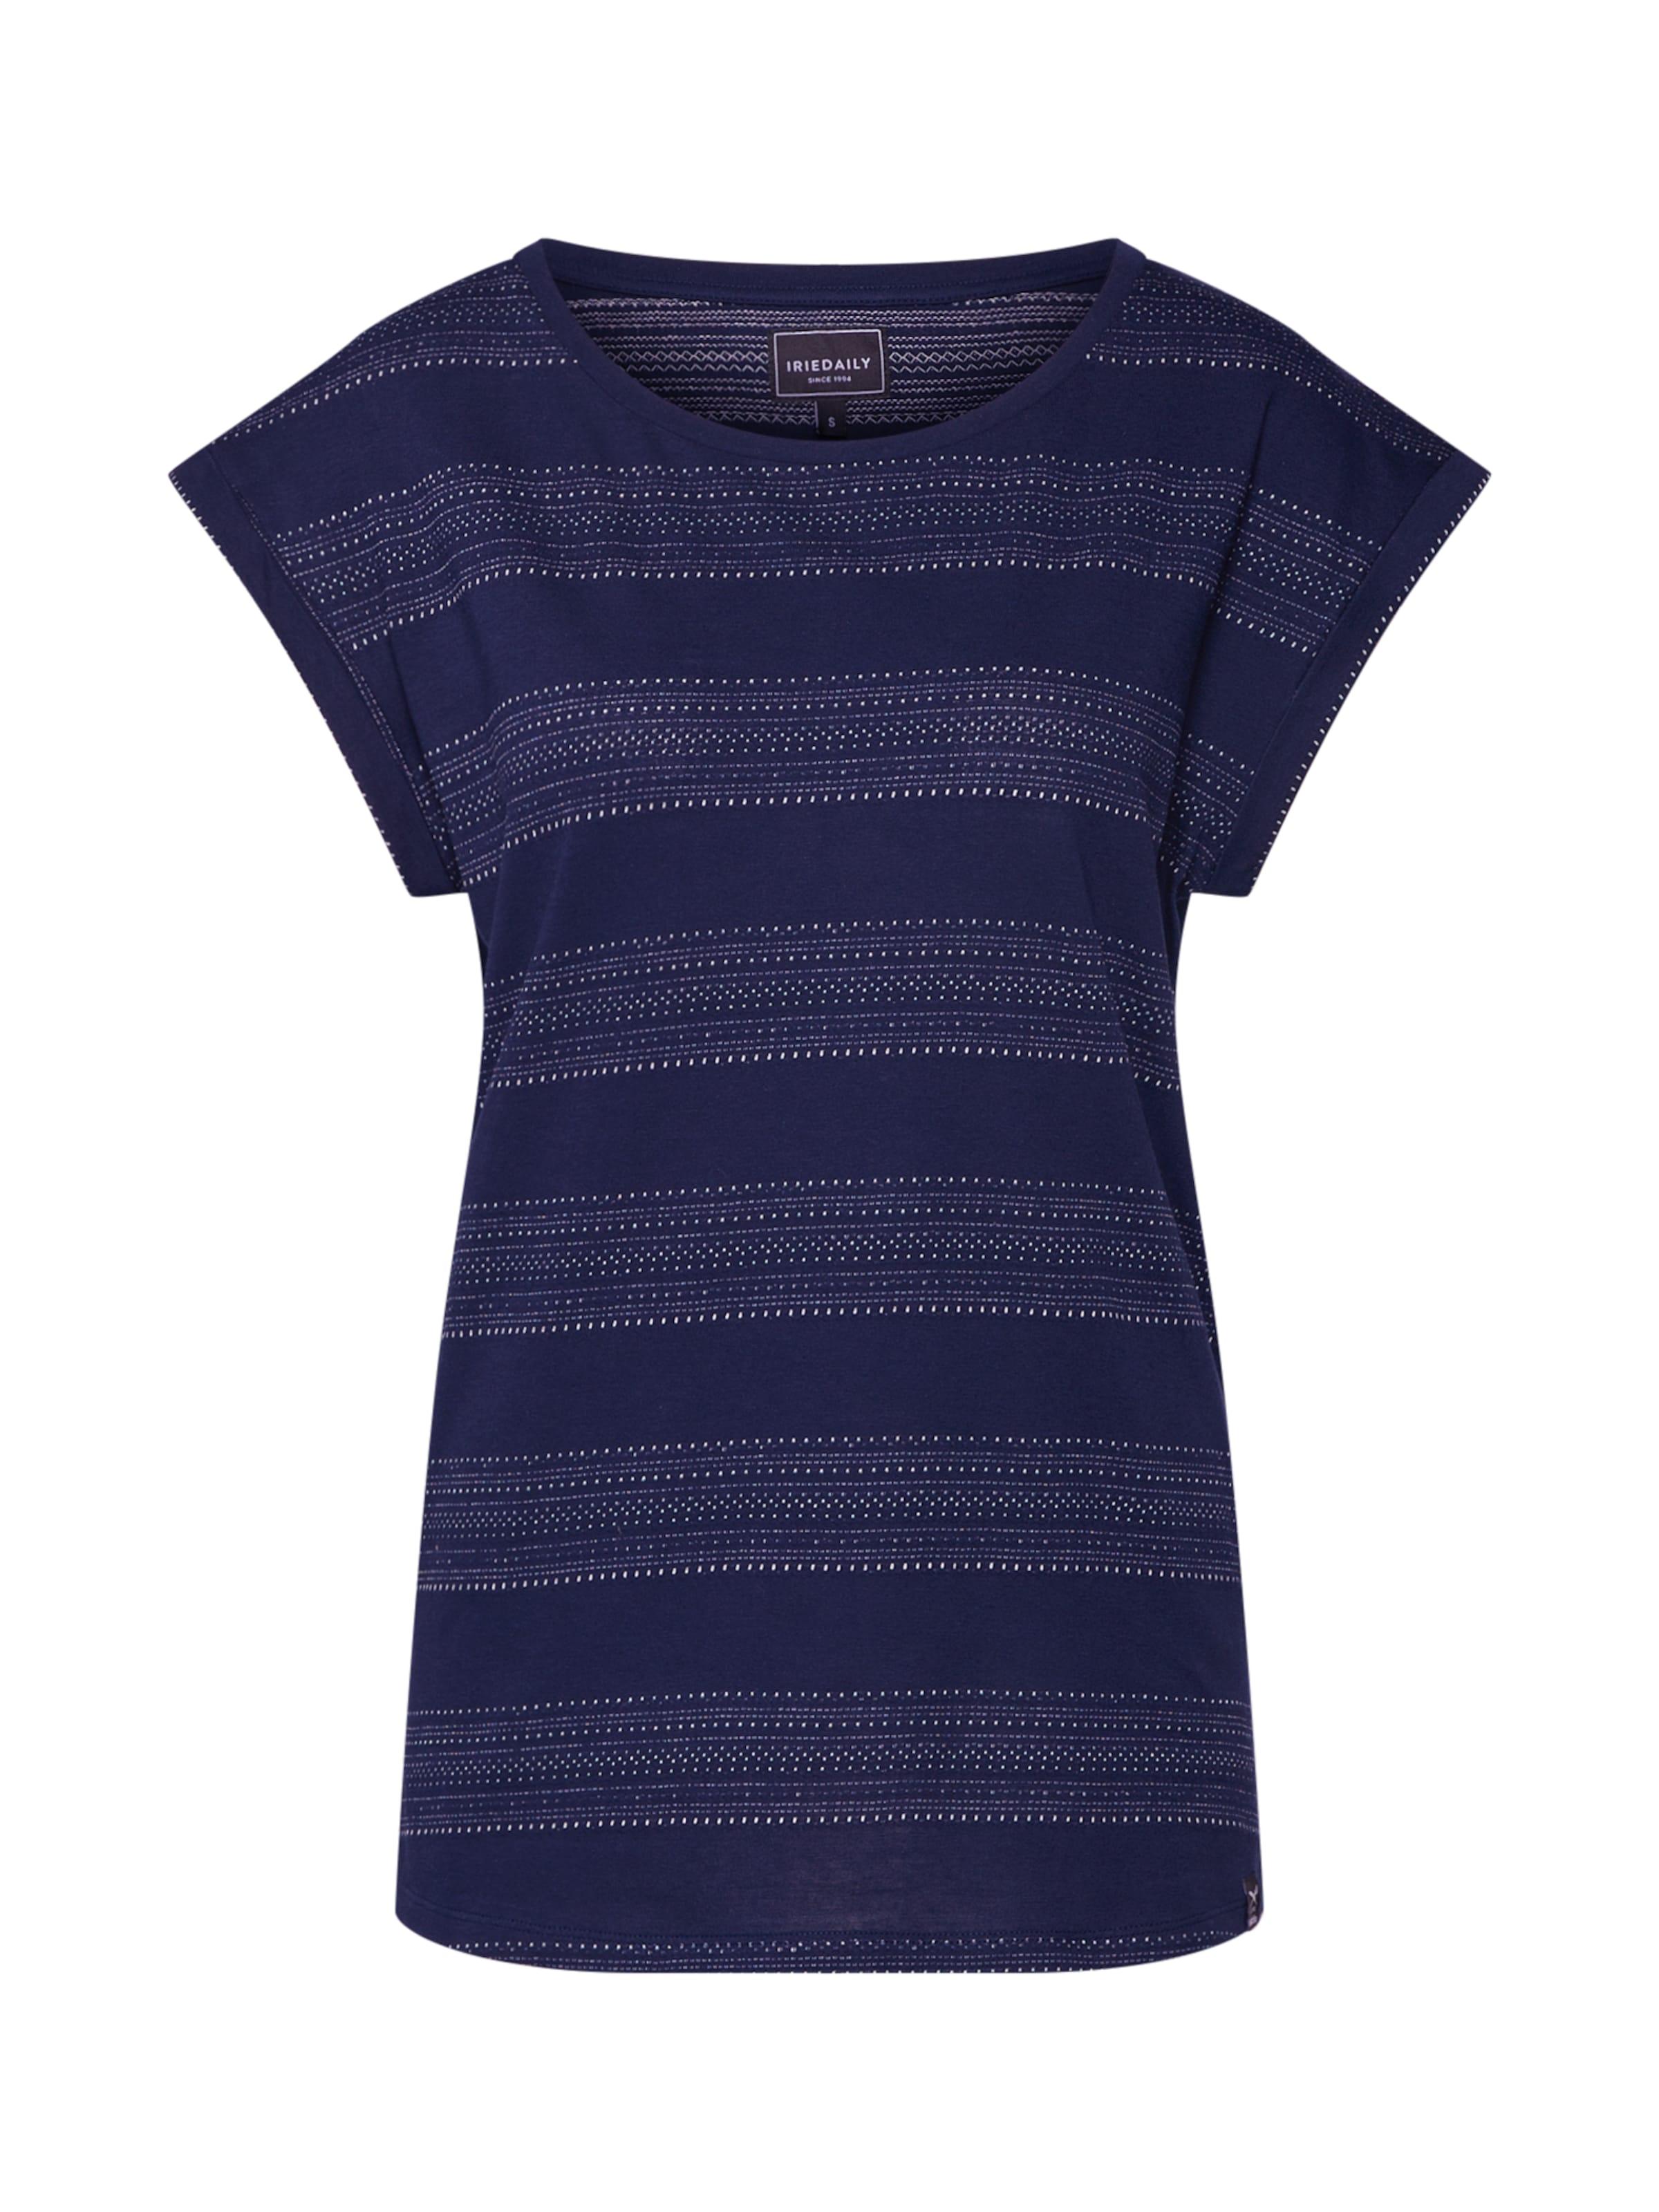 Iriedaily NavyWeiß shirt 'neila' In T OPkuXiZ